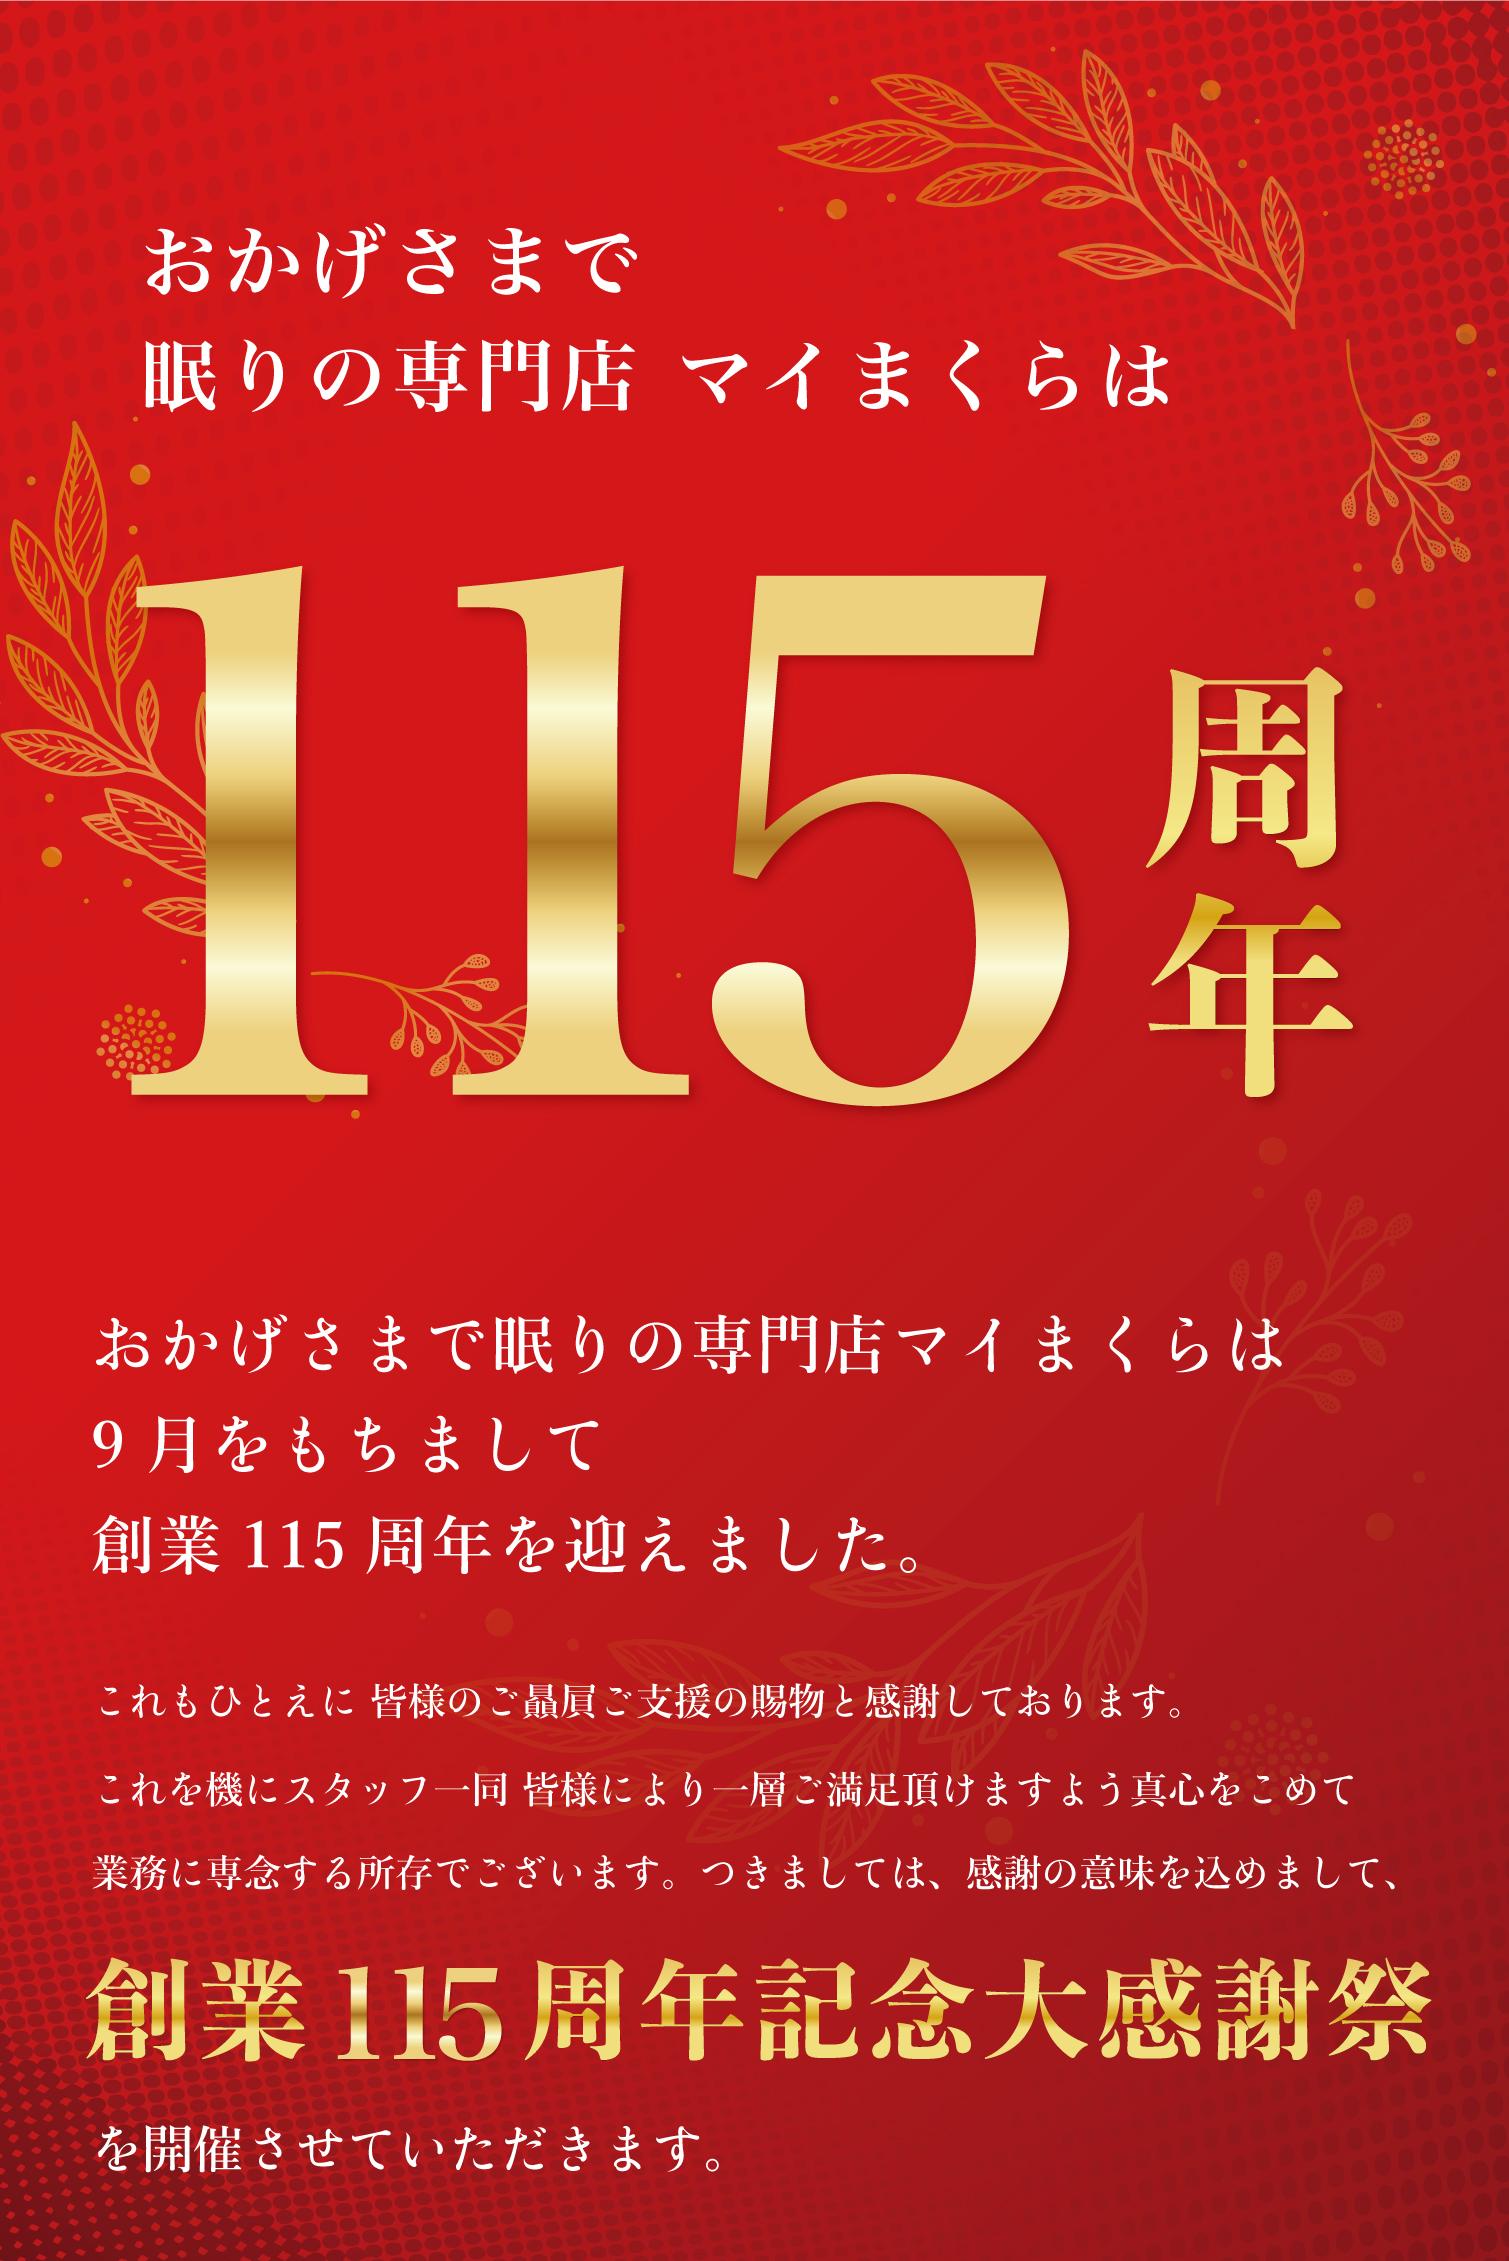 創業115周年記念大創業祭